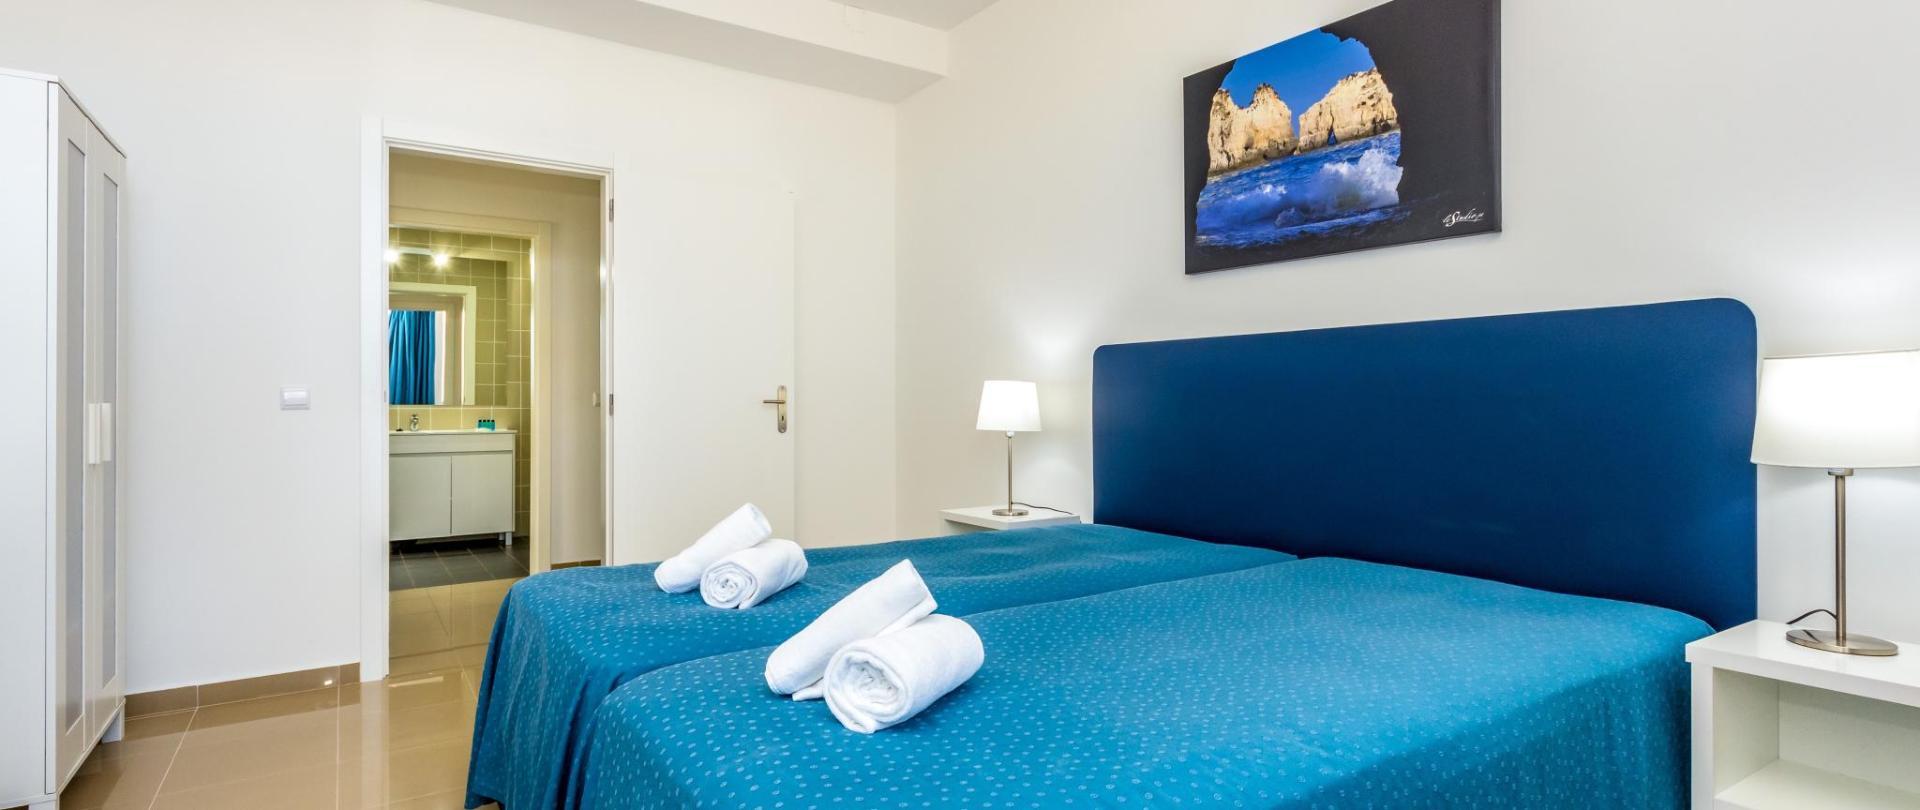 Janelas do Mar Apartamentos Turisticos